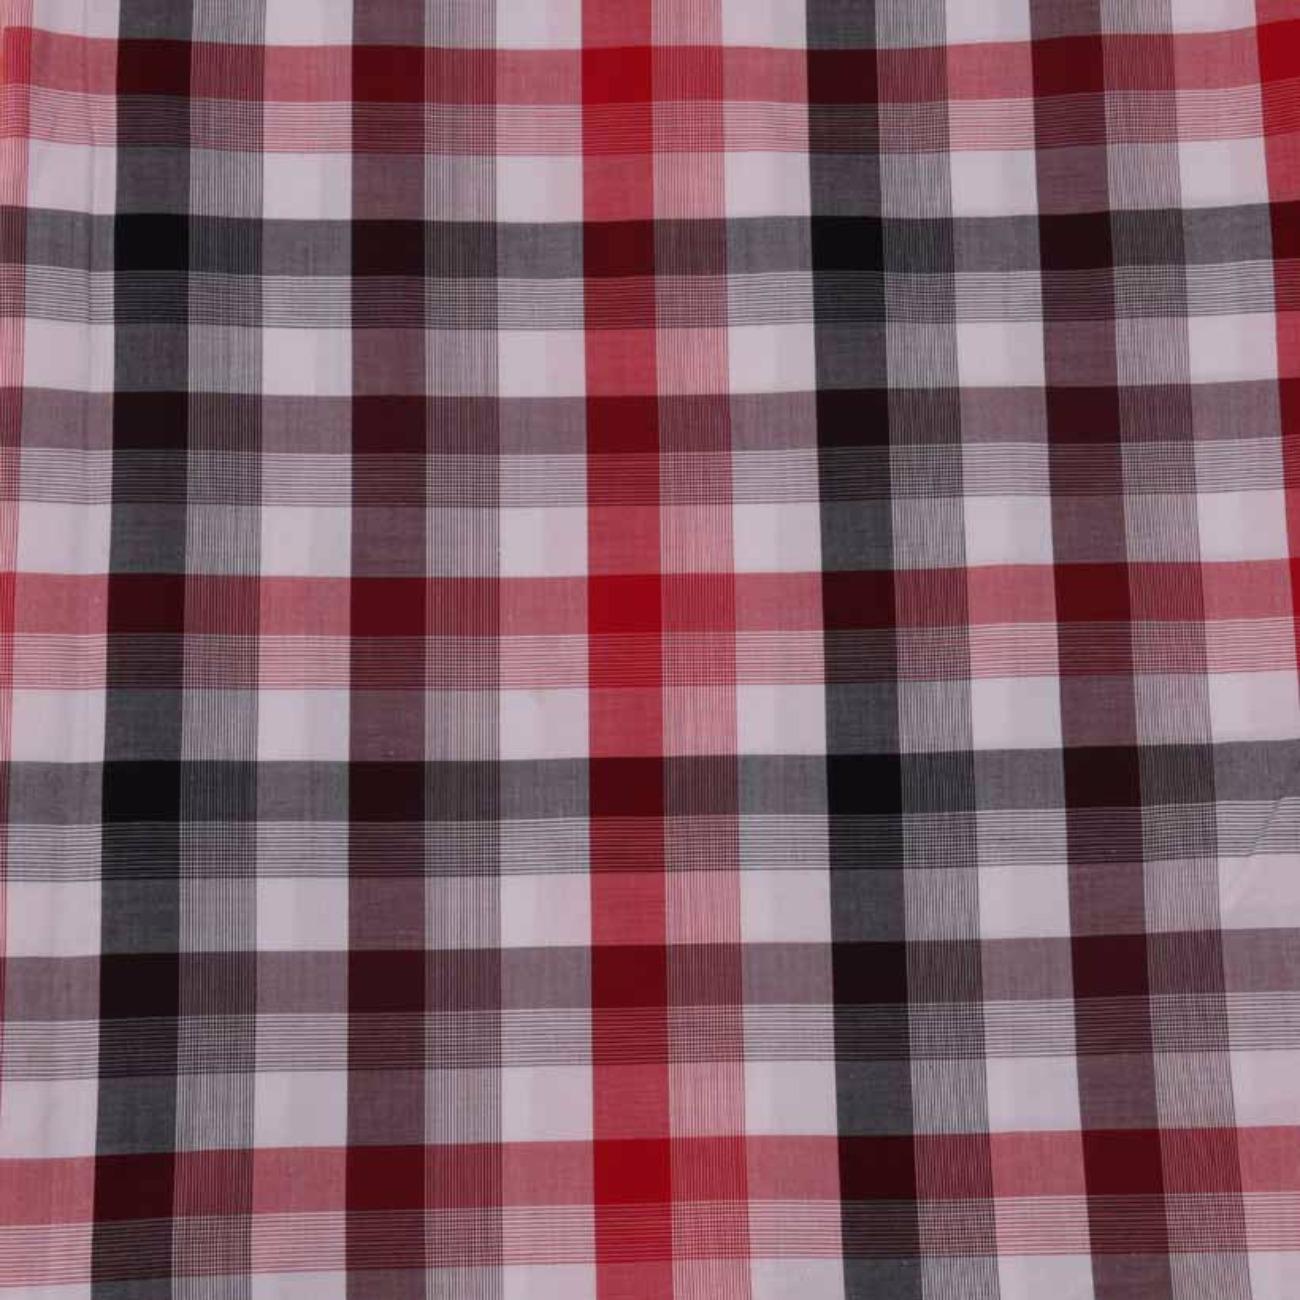 现货格子梭织色织低弹休闲时尚风格衬衫连衣裙 短裙 棉感 60929-59